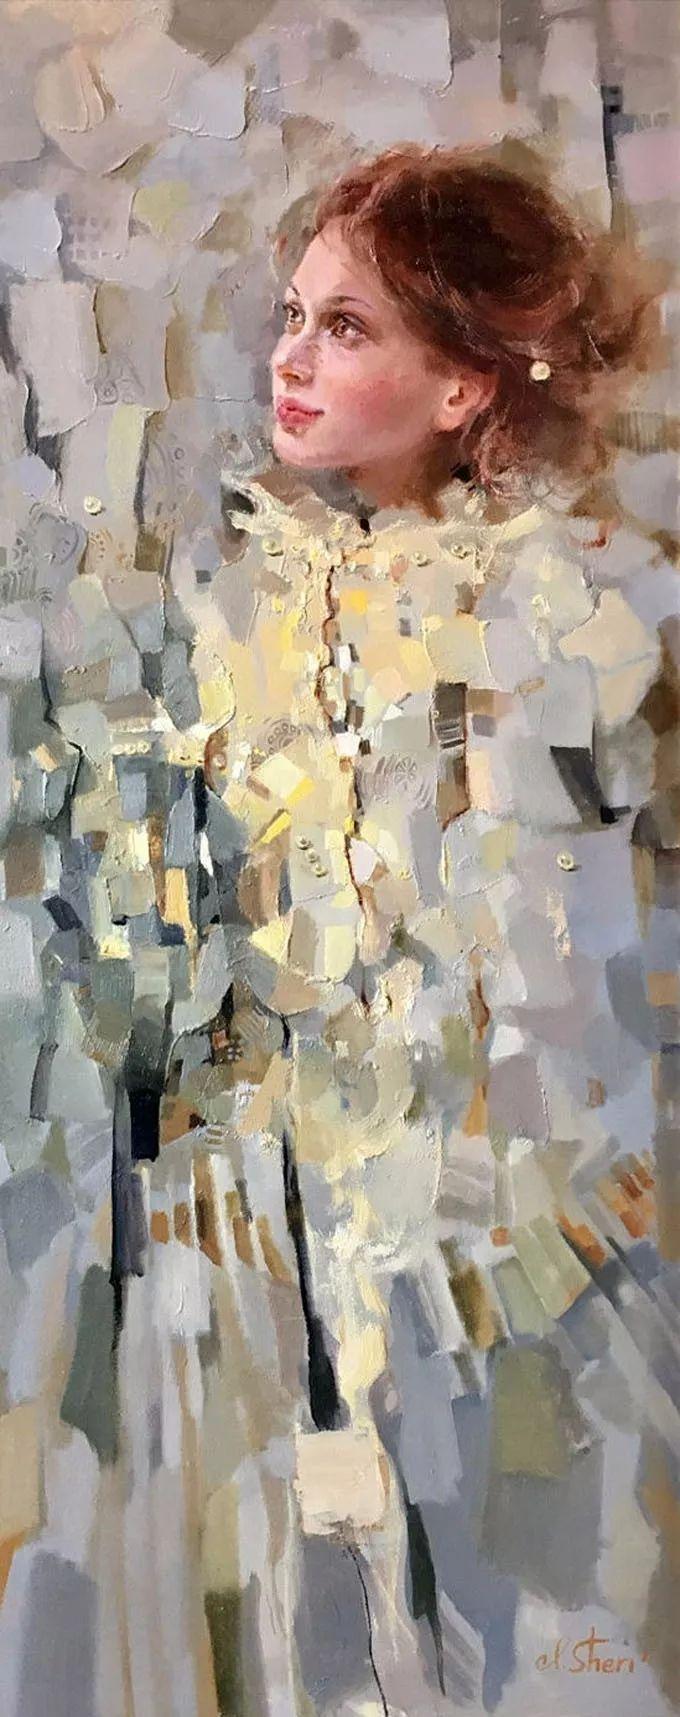 她的油画有一种惊艳脱俗的美,乌克兰天才女画家艾琳·谢里插图13